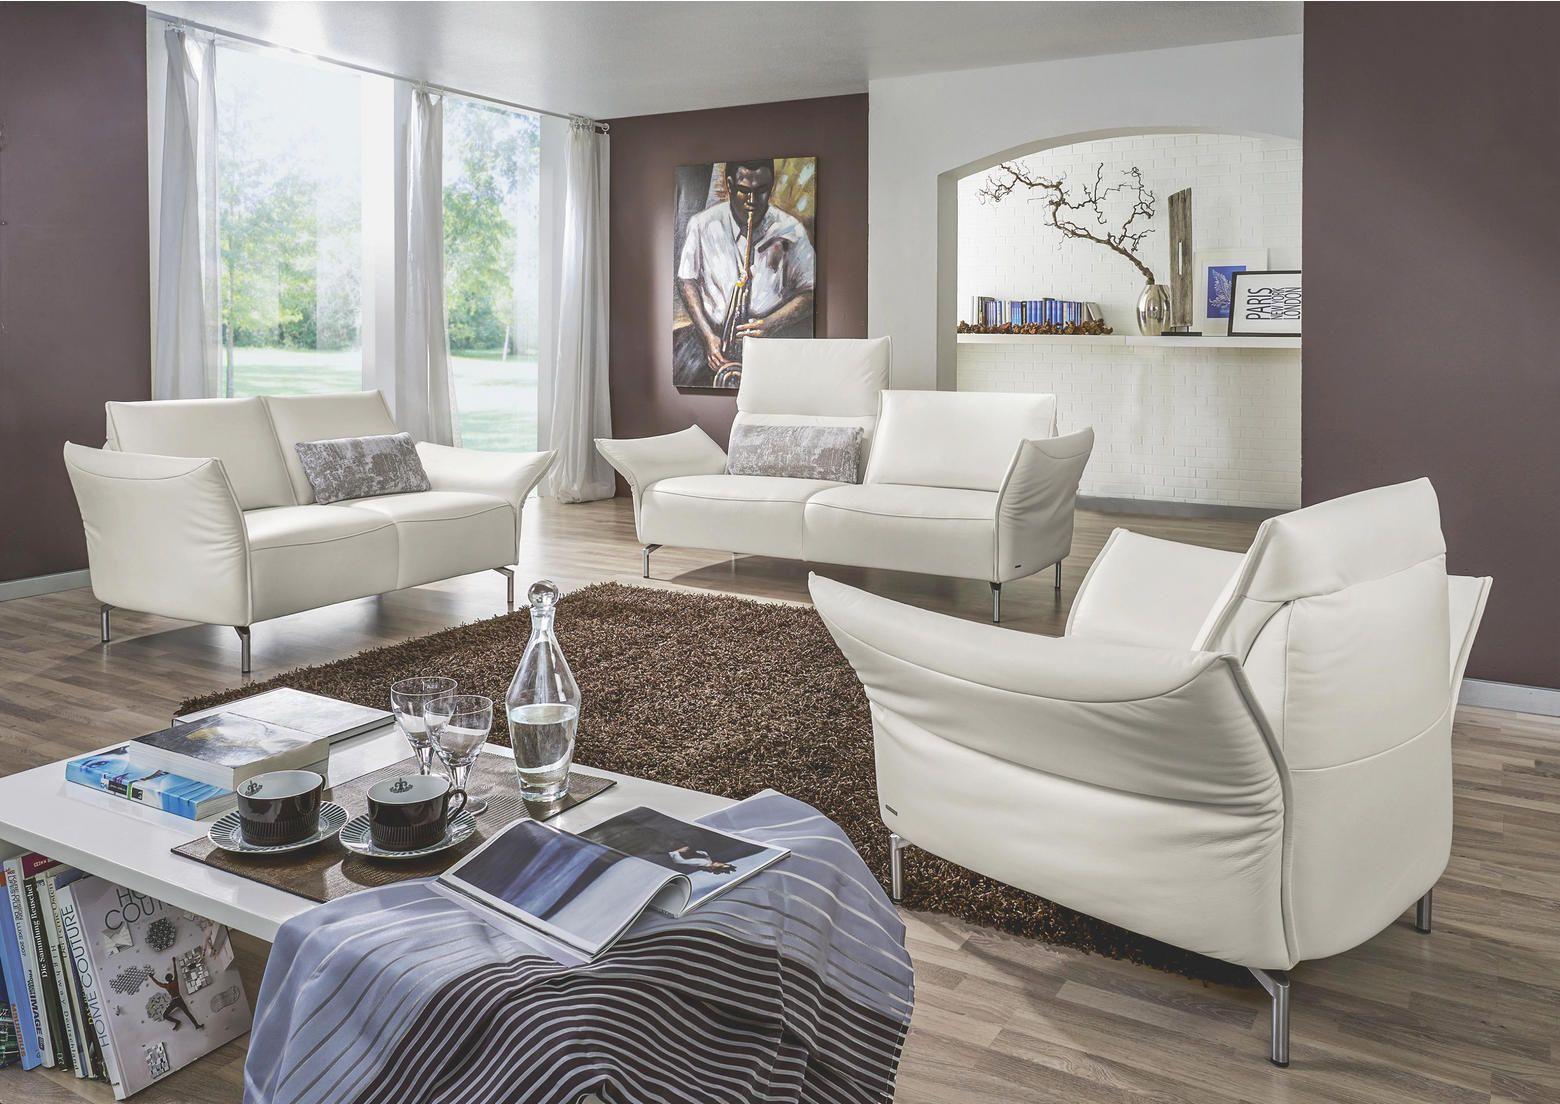 Zweisitzer Sofa In Leder Weiss Sofa Zweisitzer Sofa Und Sofa Weiss